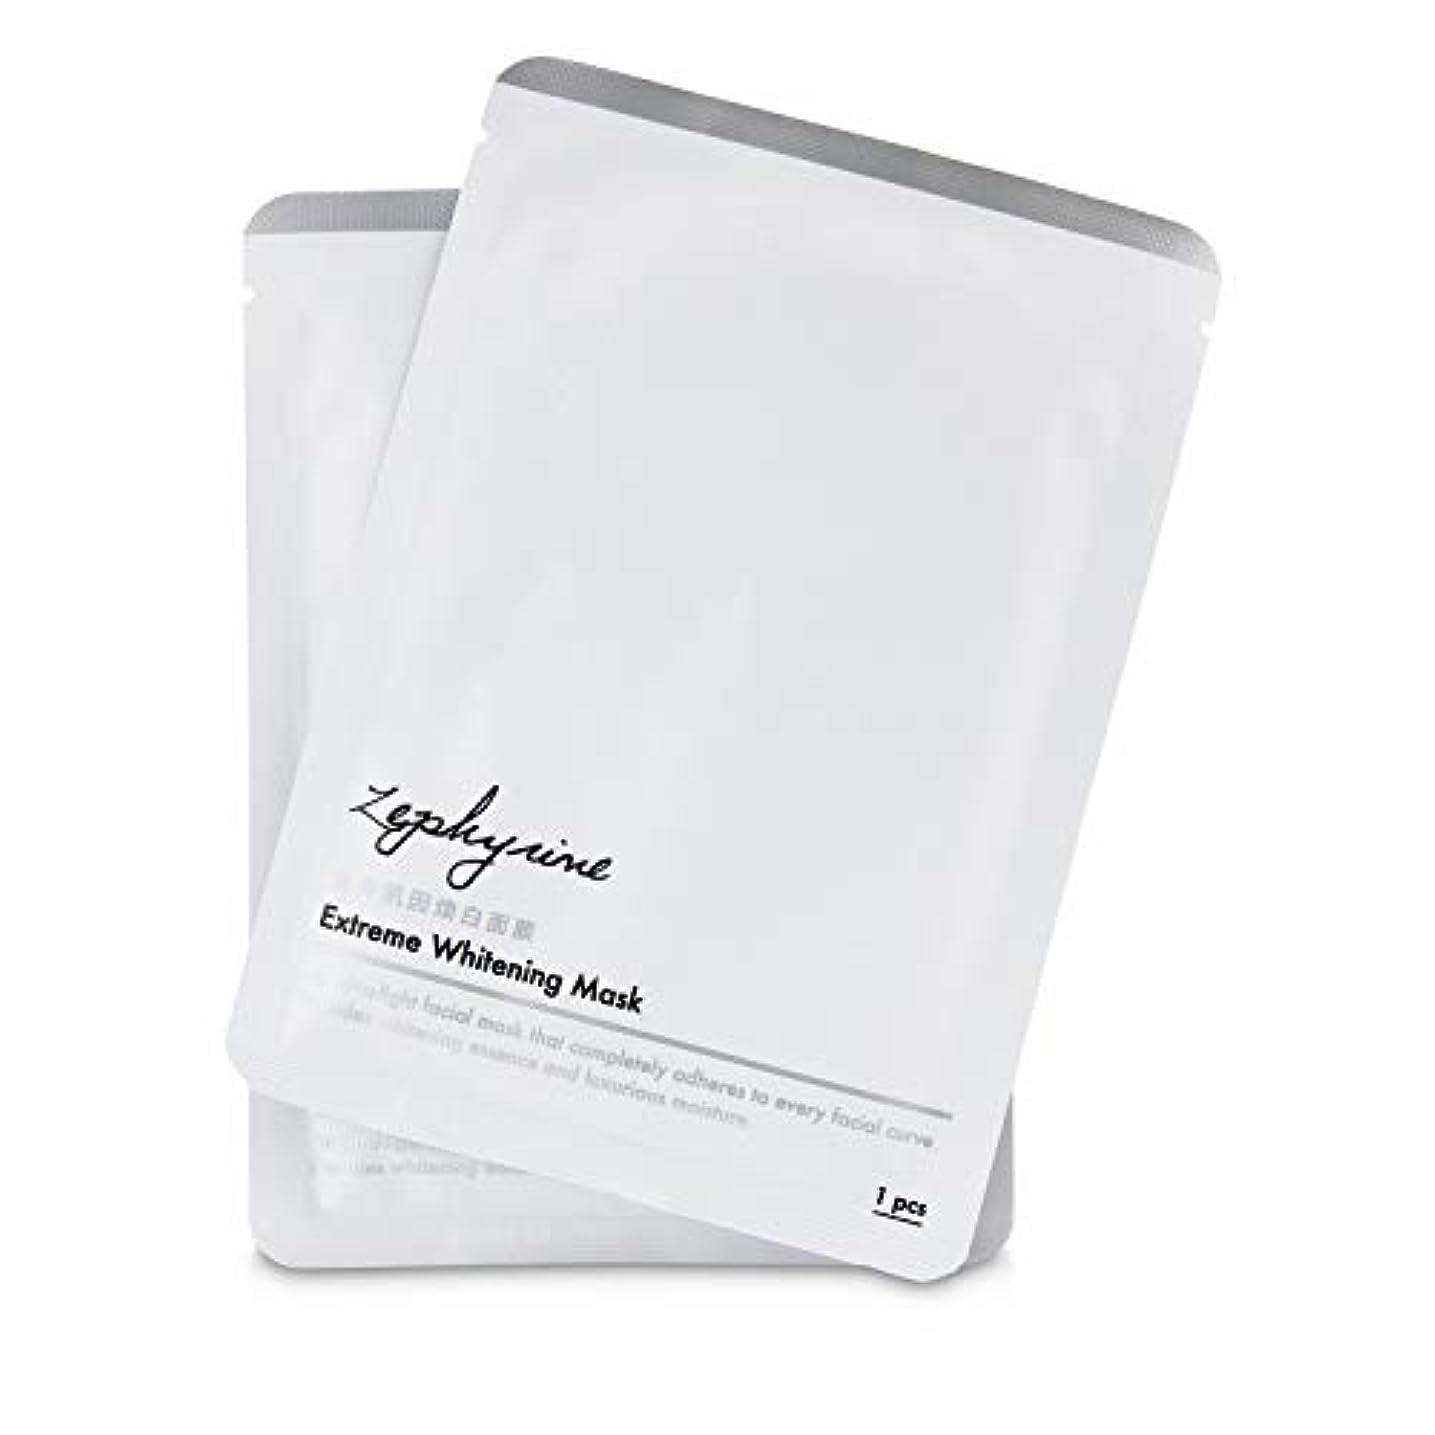 Zephyrine Extreme Whitening Mask 3pcs並行輸入品